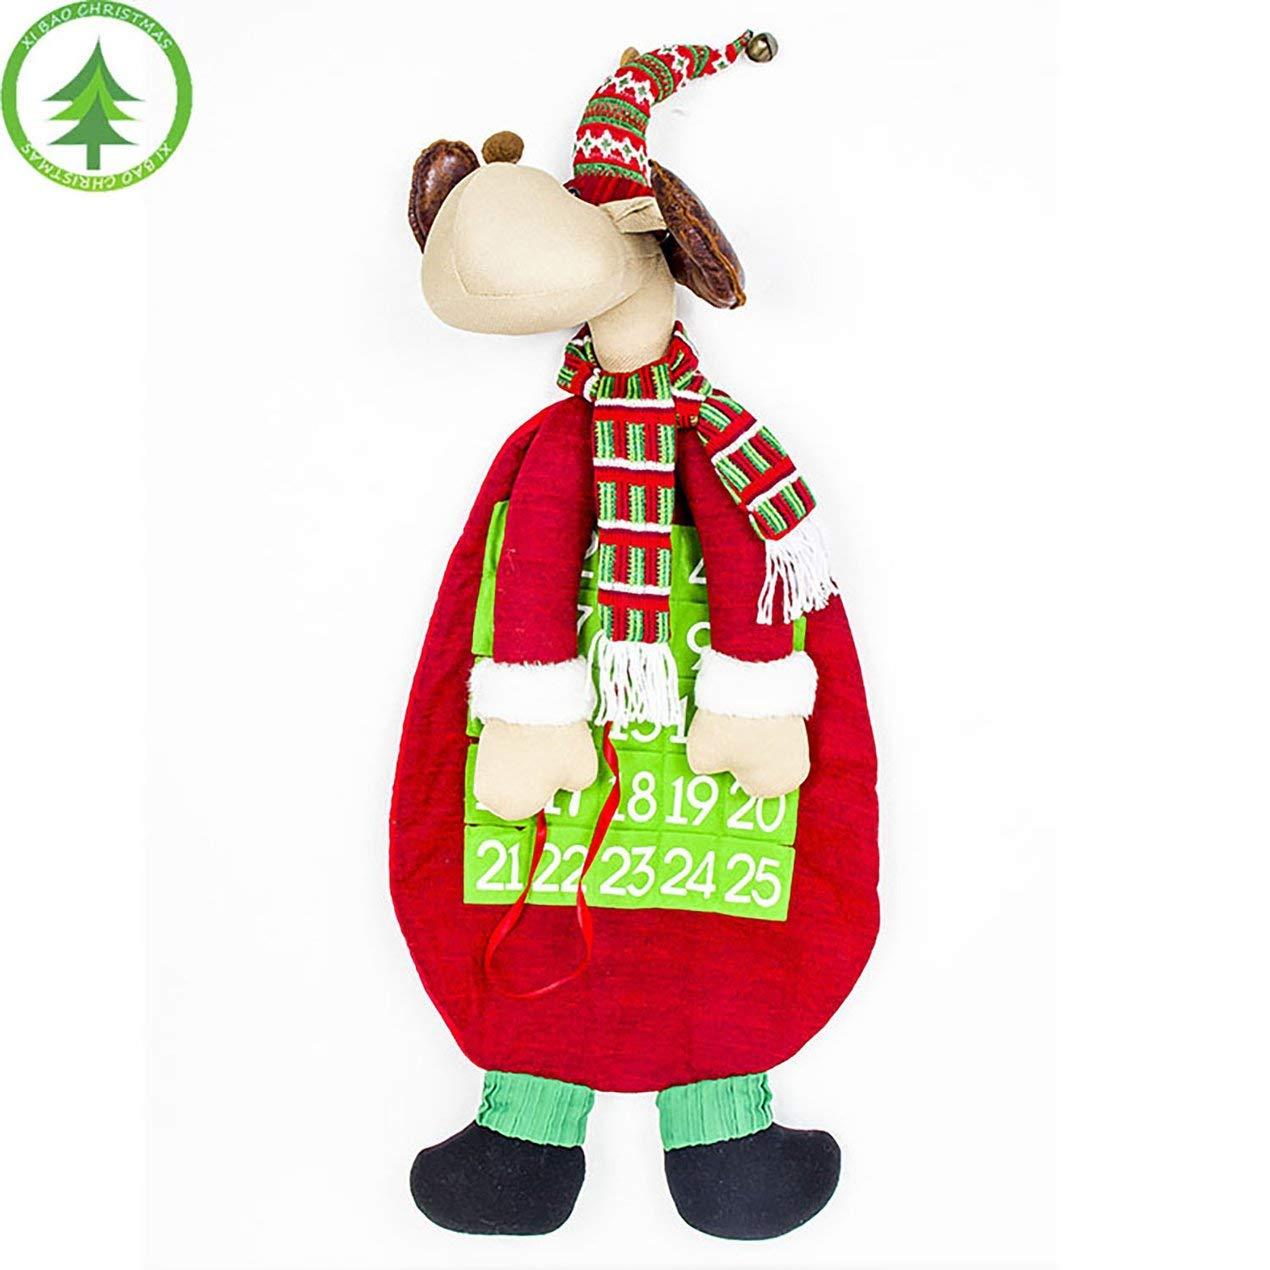 Weihnachtsdekor Kalender Kreative Cartoon Schneemann Elch Tuch Kalender Puppe Spielzeug Dekorationen Hause Hängende Verzierung